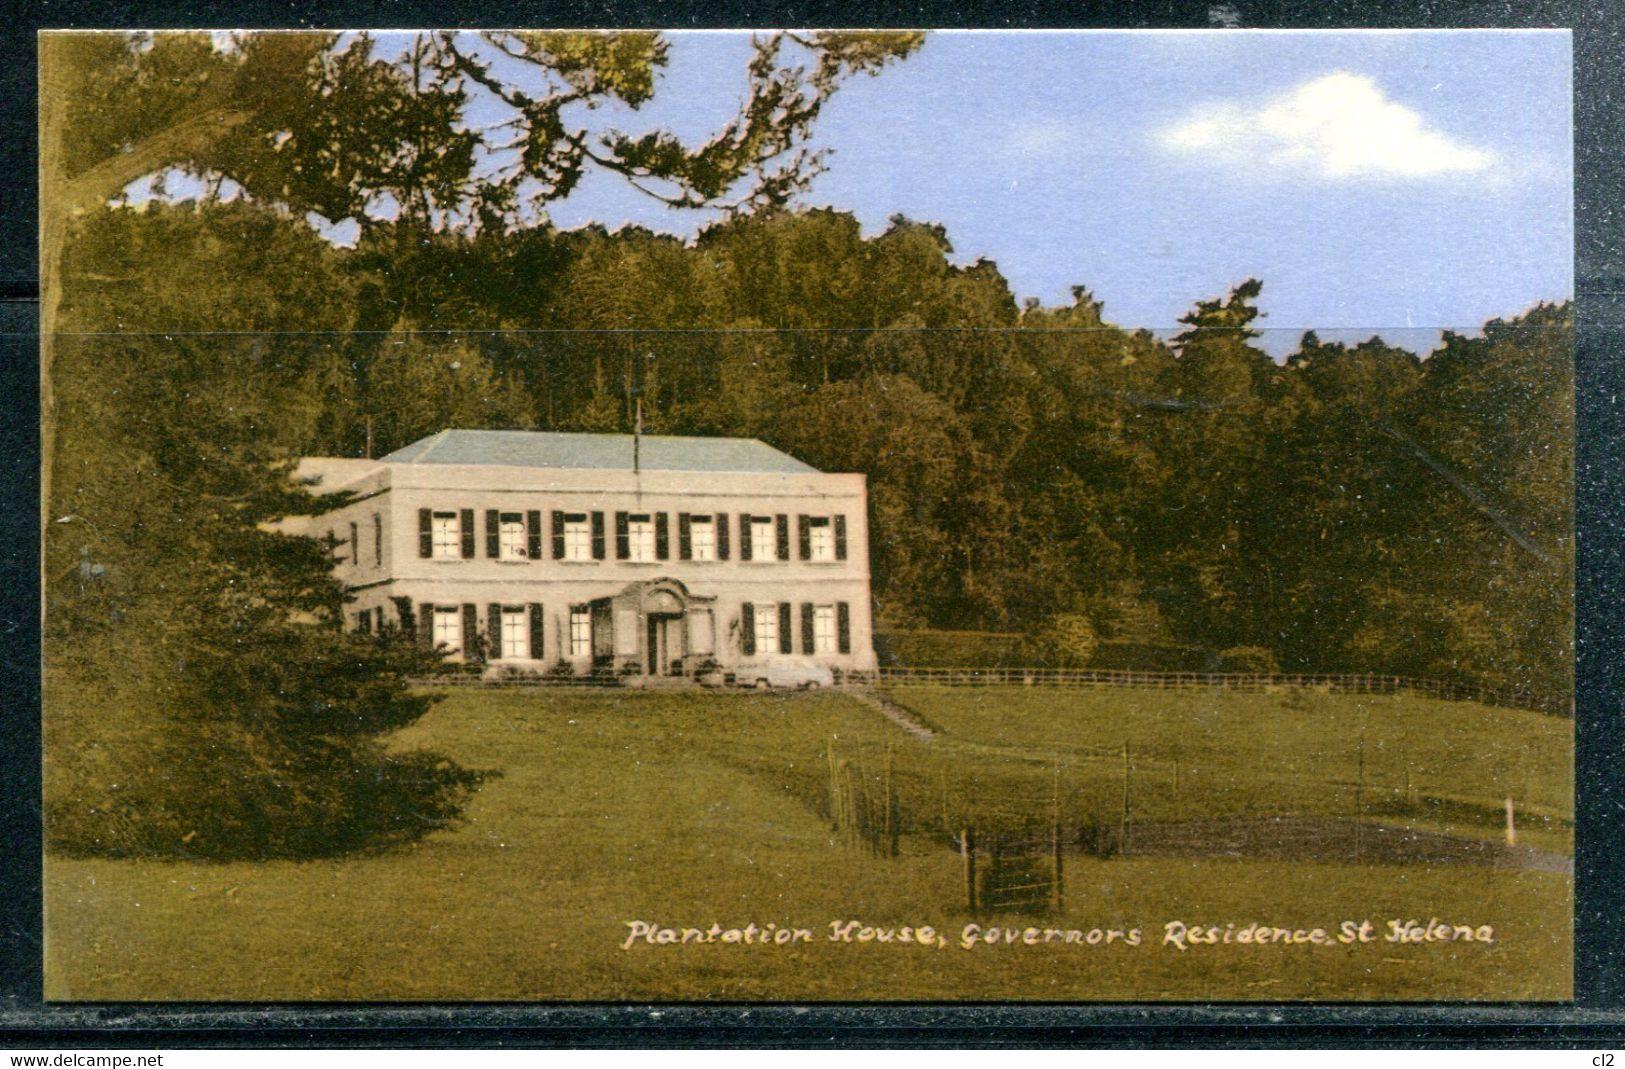 SAINTE HELENE - St. HELENA - Plantation House, Governor's Residence (carte Vierge) - St. Helena